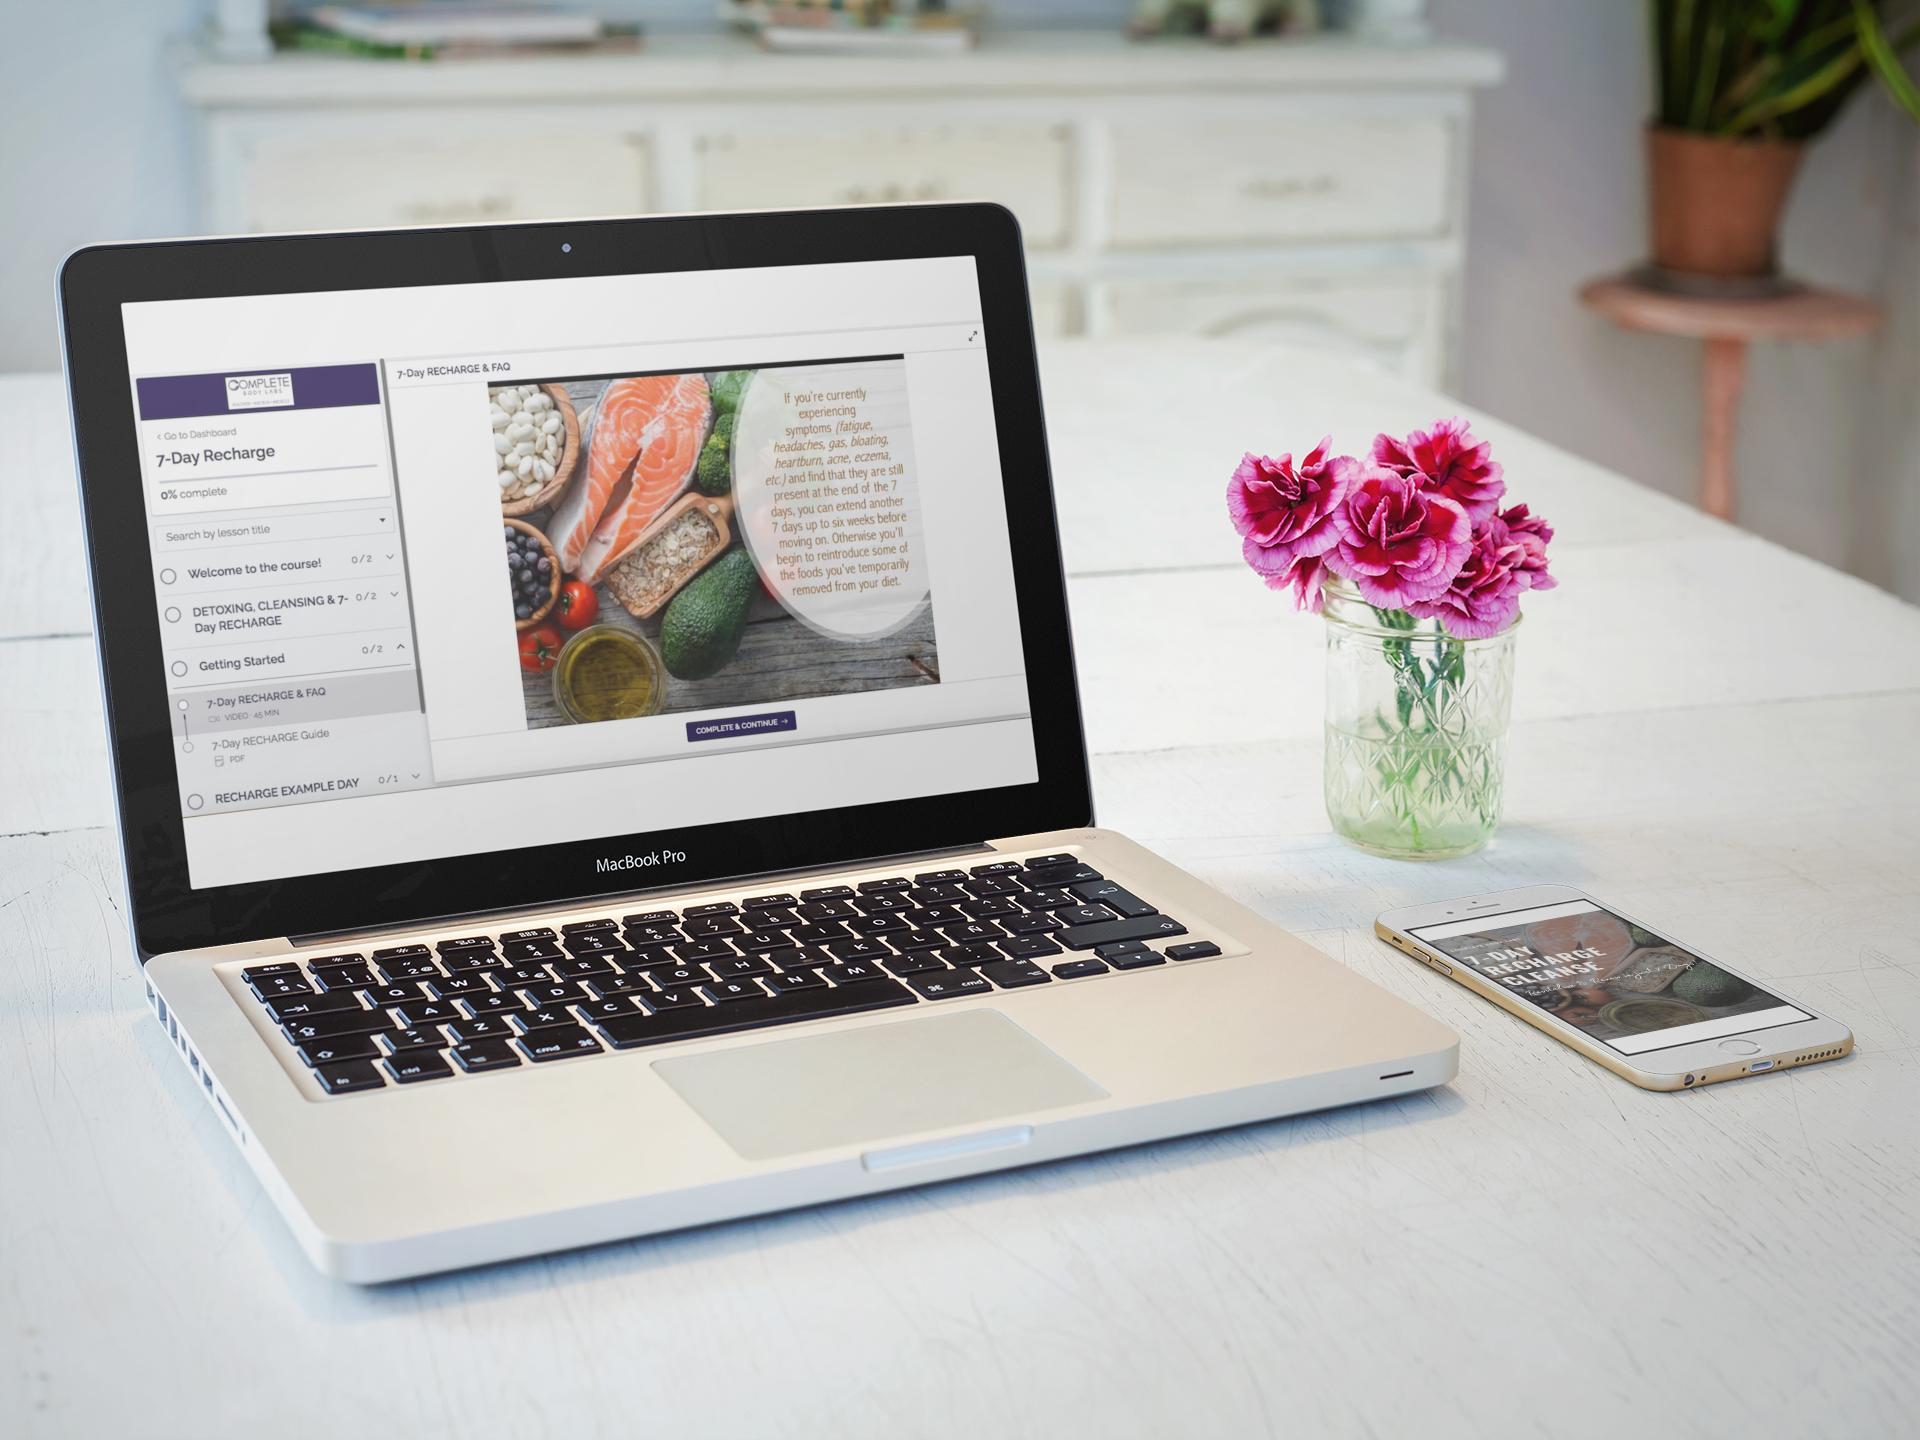 Laptop of Webinar Screen